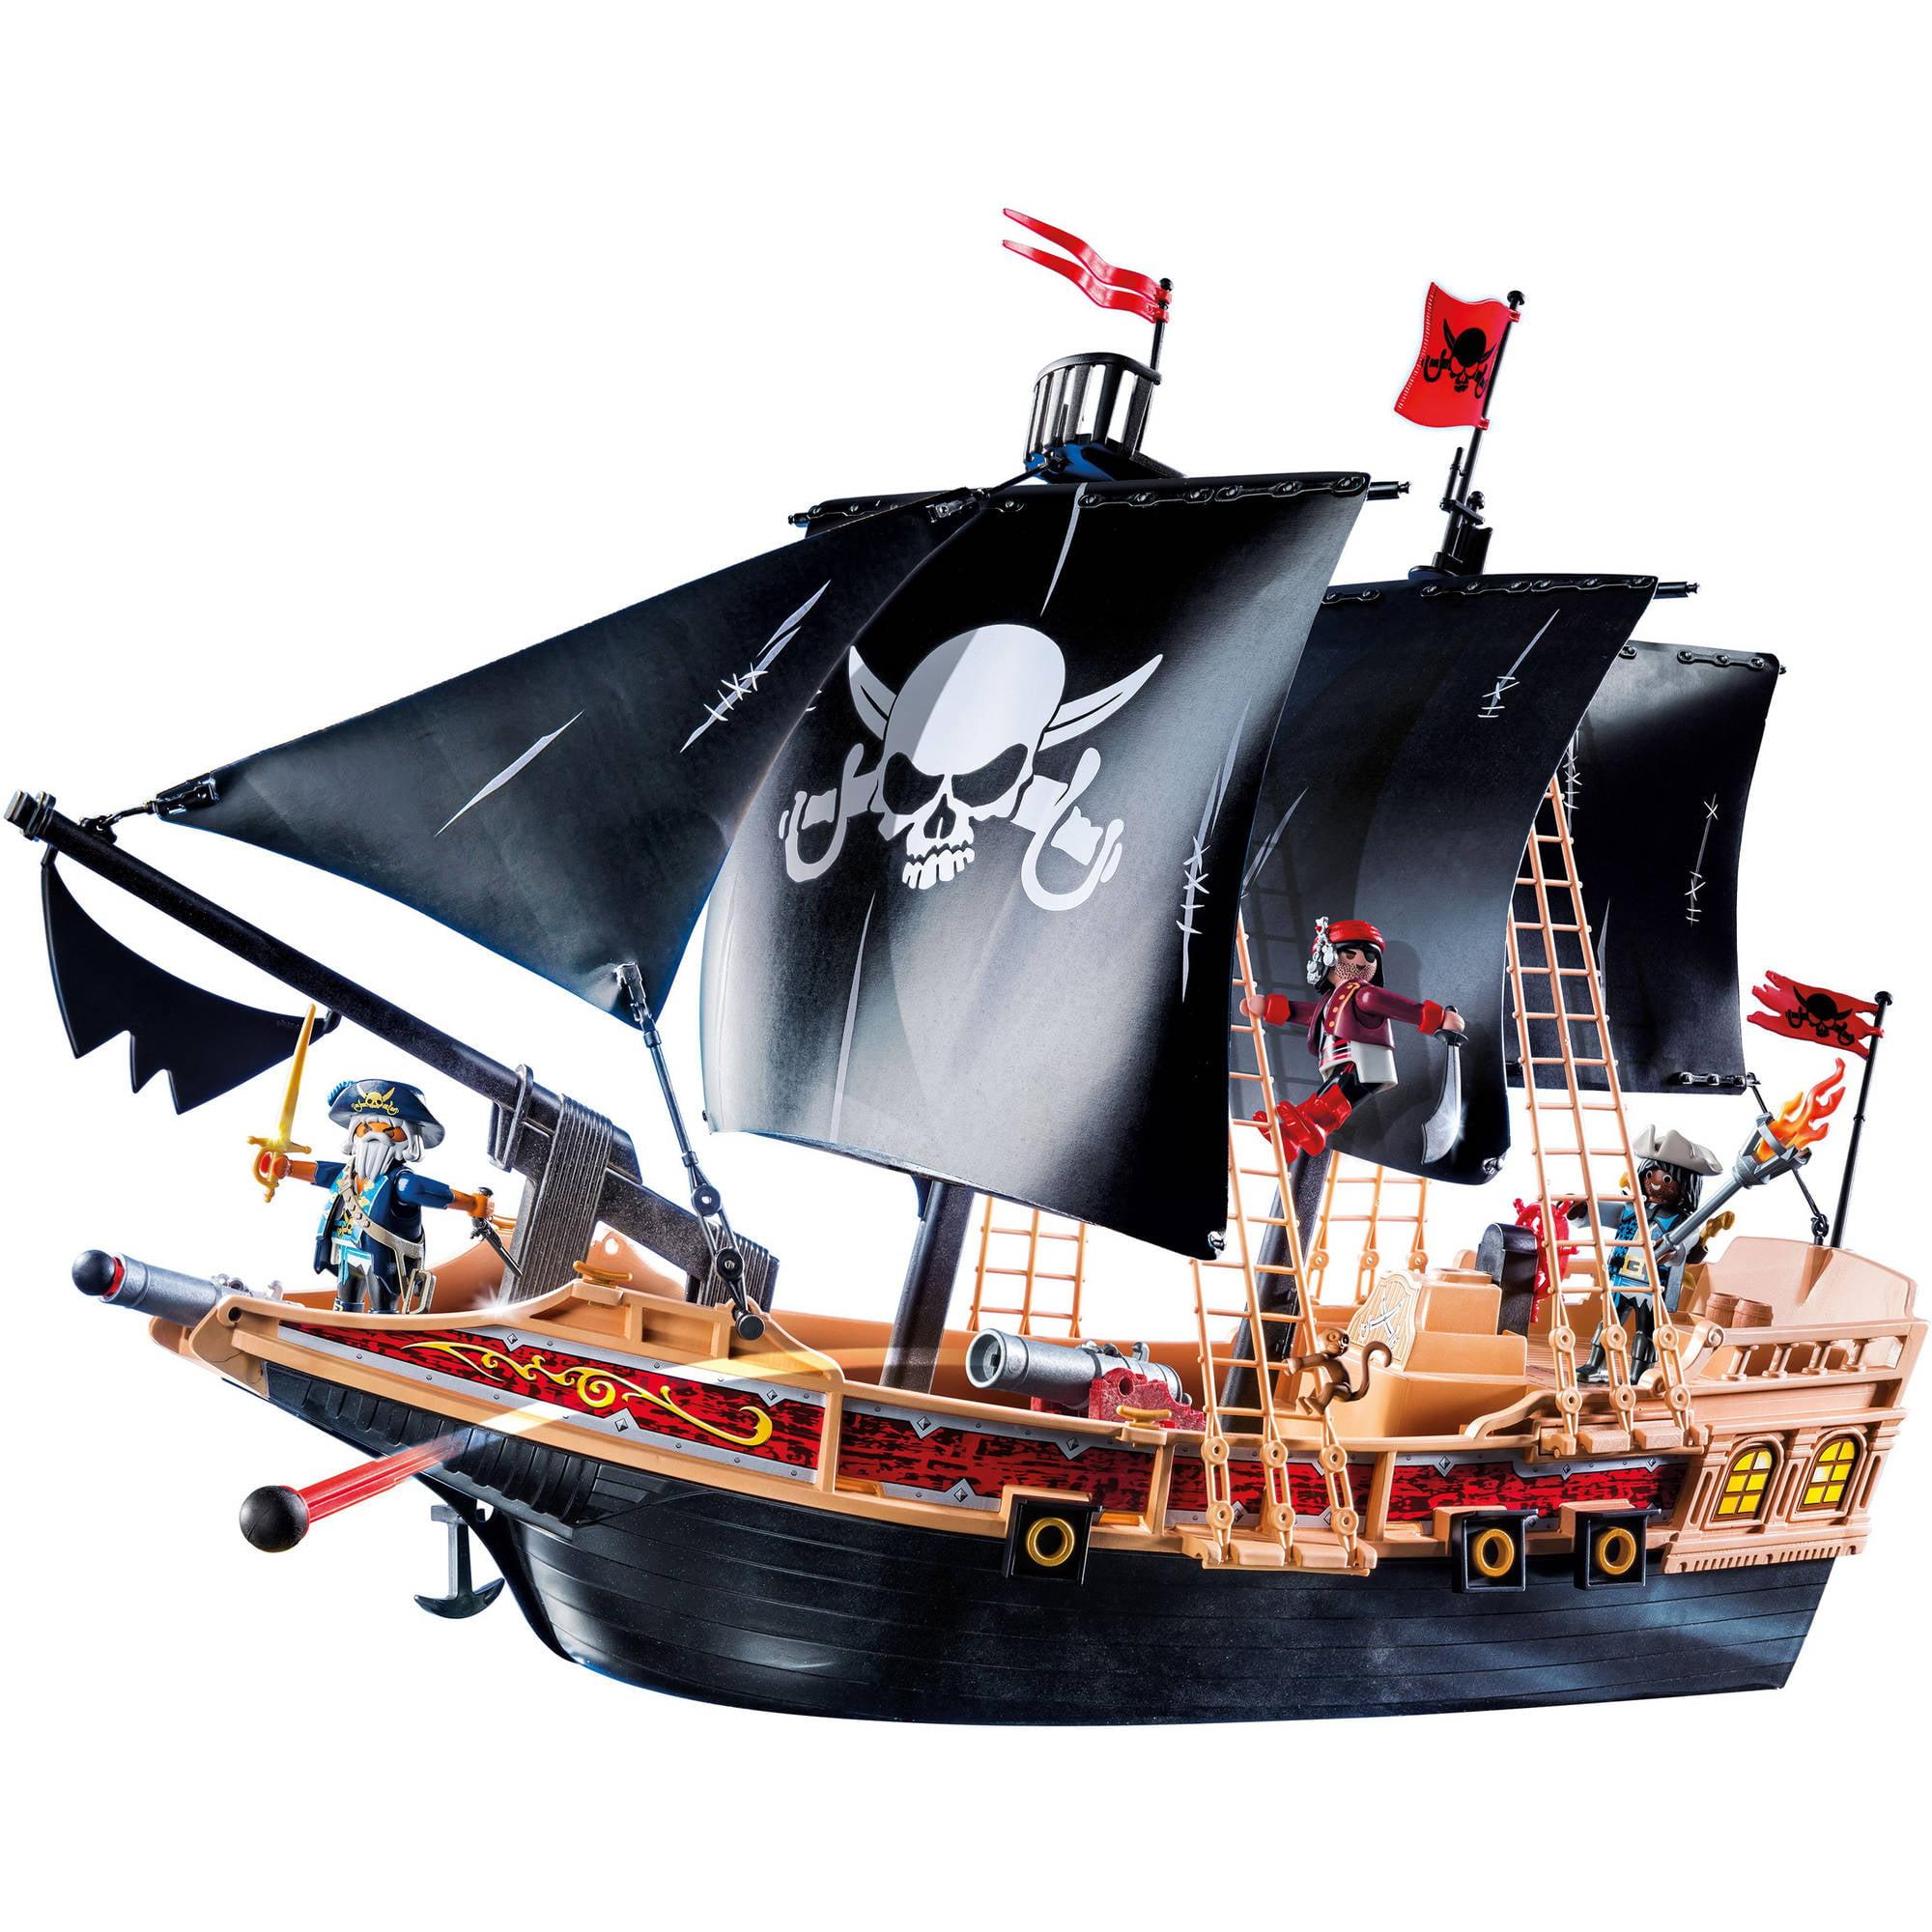 PLAYMOBIL Pirate Raiders' Ship by Playmobil